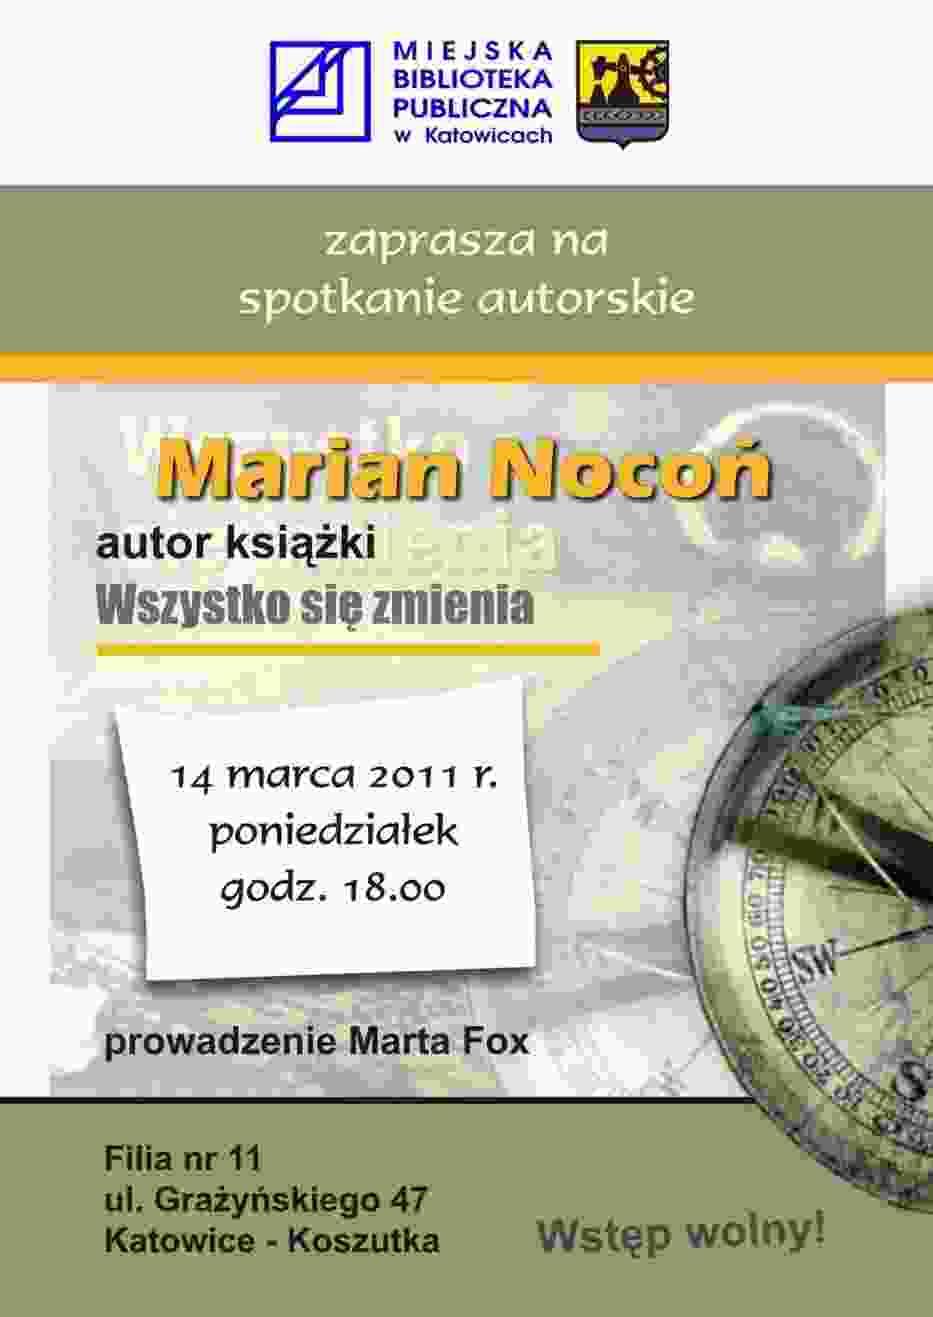 Plakat, reklamujący spotkanie autorskie Mariana Noconia